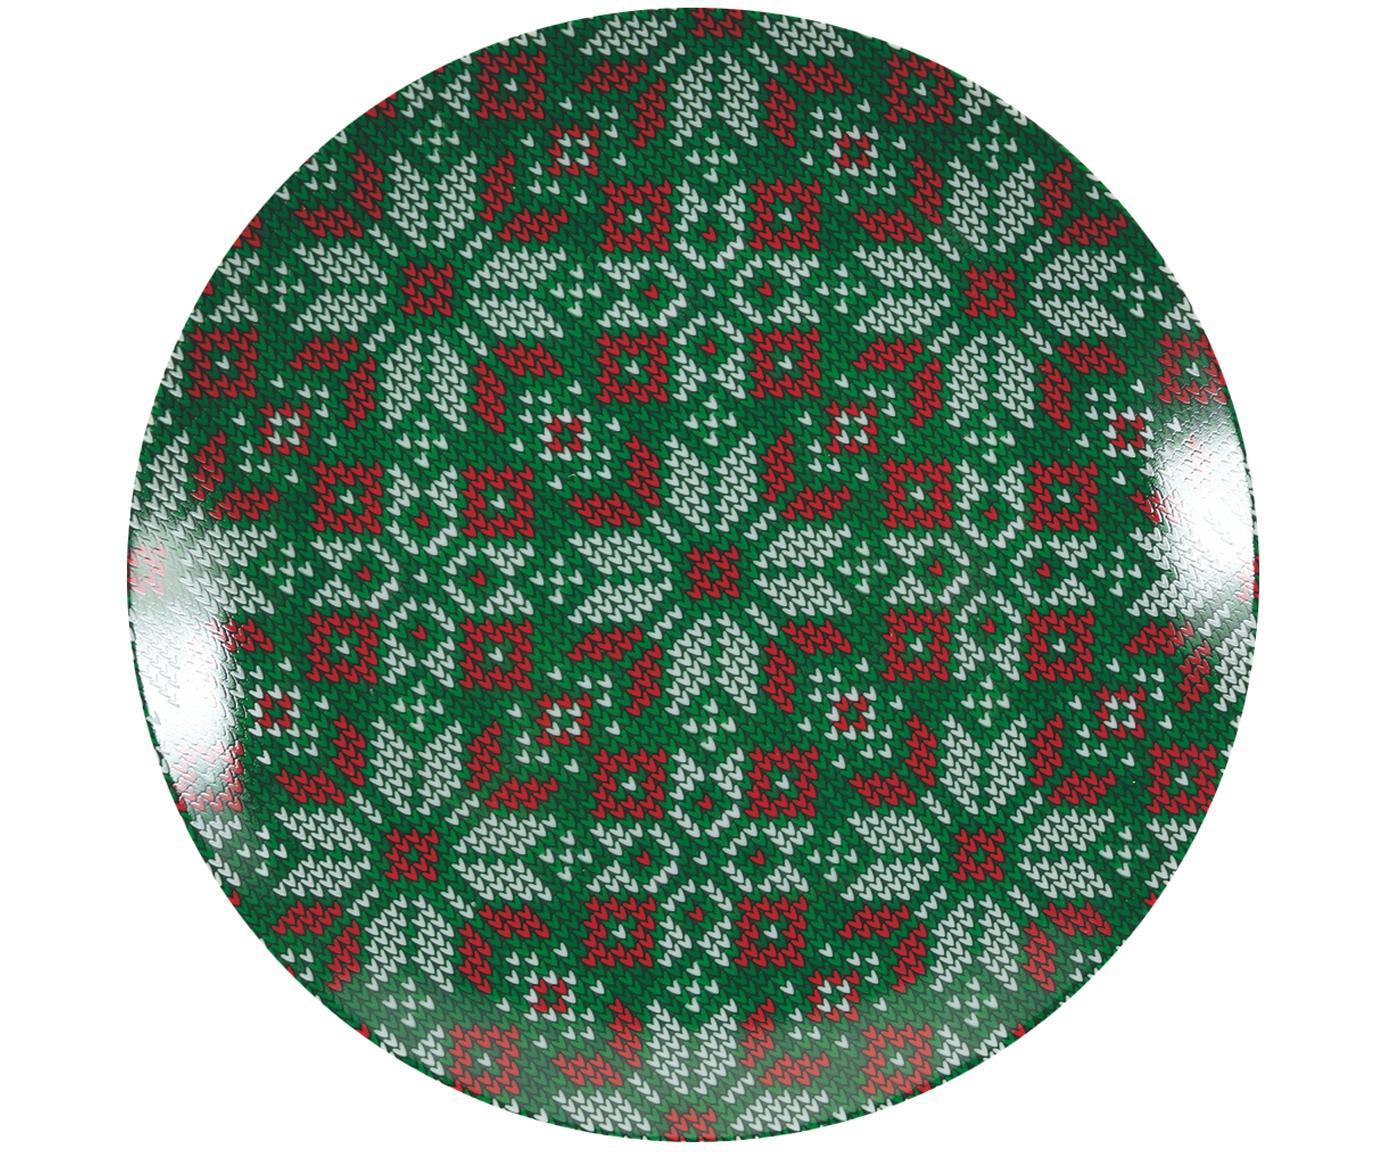 Komplet z porcelany Chalet, 18 elem., Porcelana, Wielobarwny, Różne rozmiary